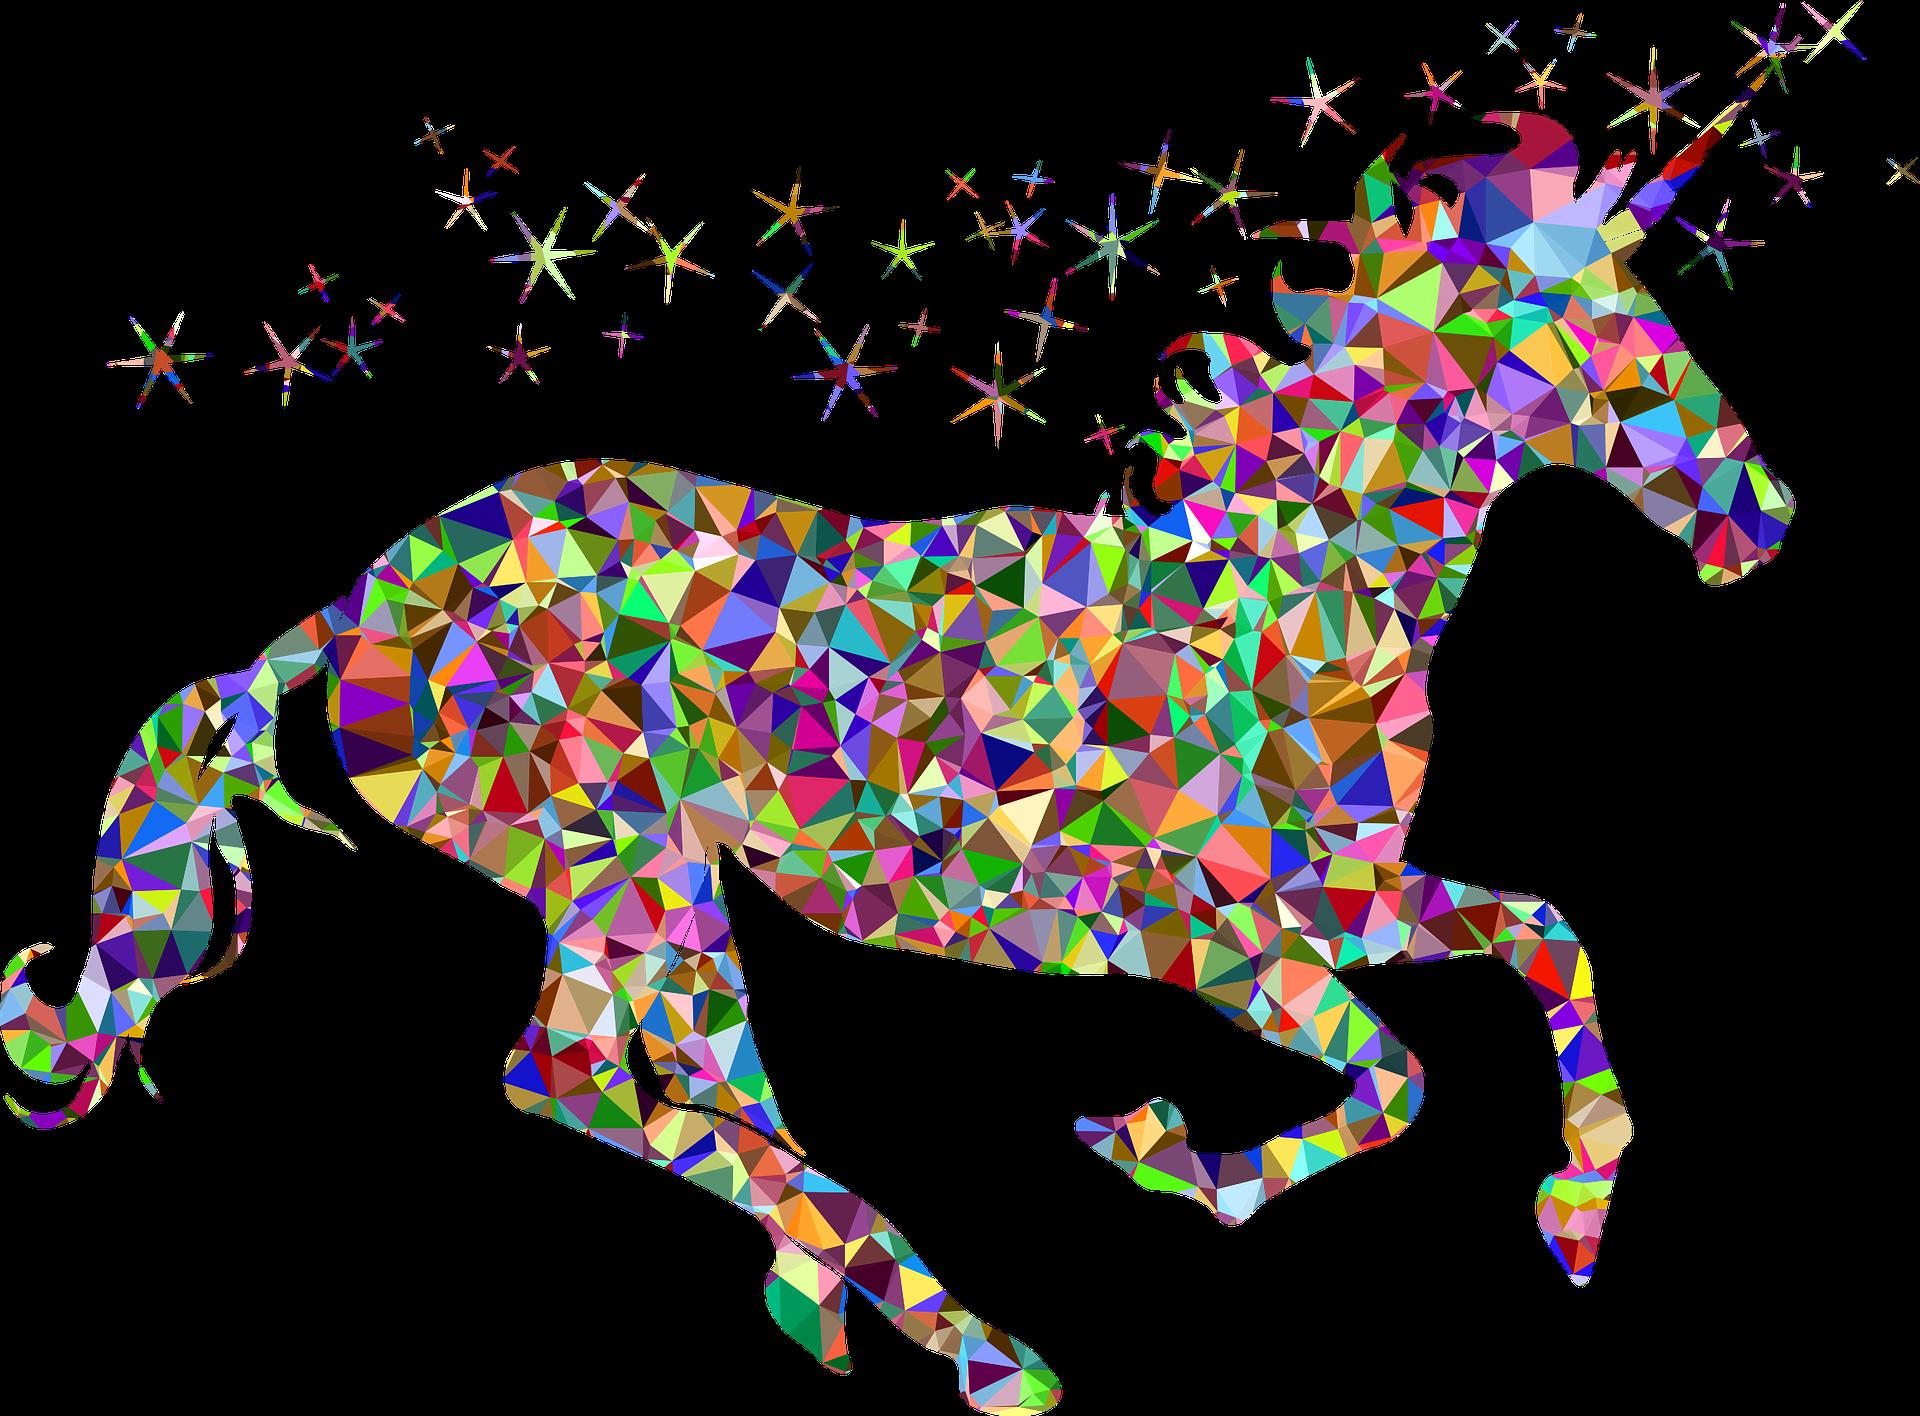 רוצים לעבוד ביוניקורן? (צילום: Pixabay)